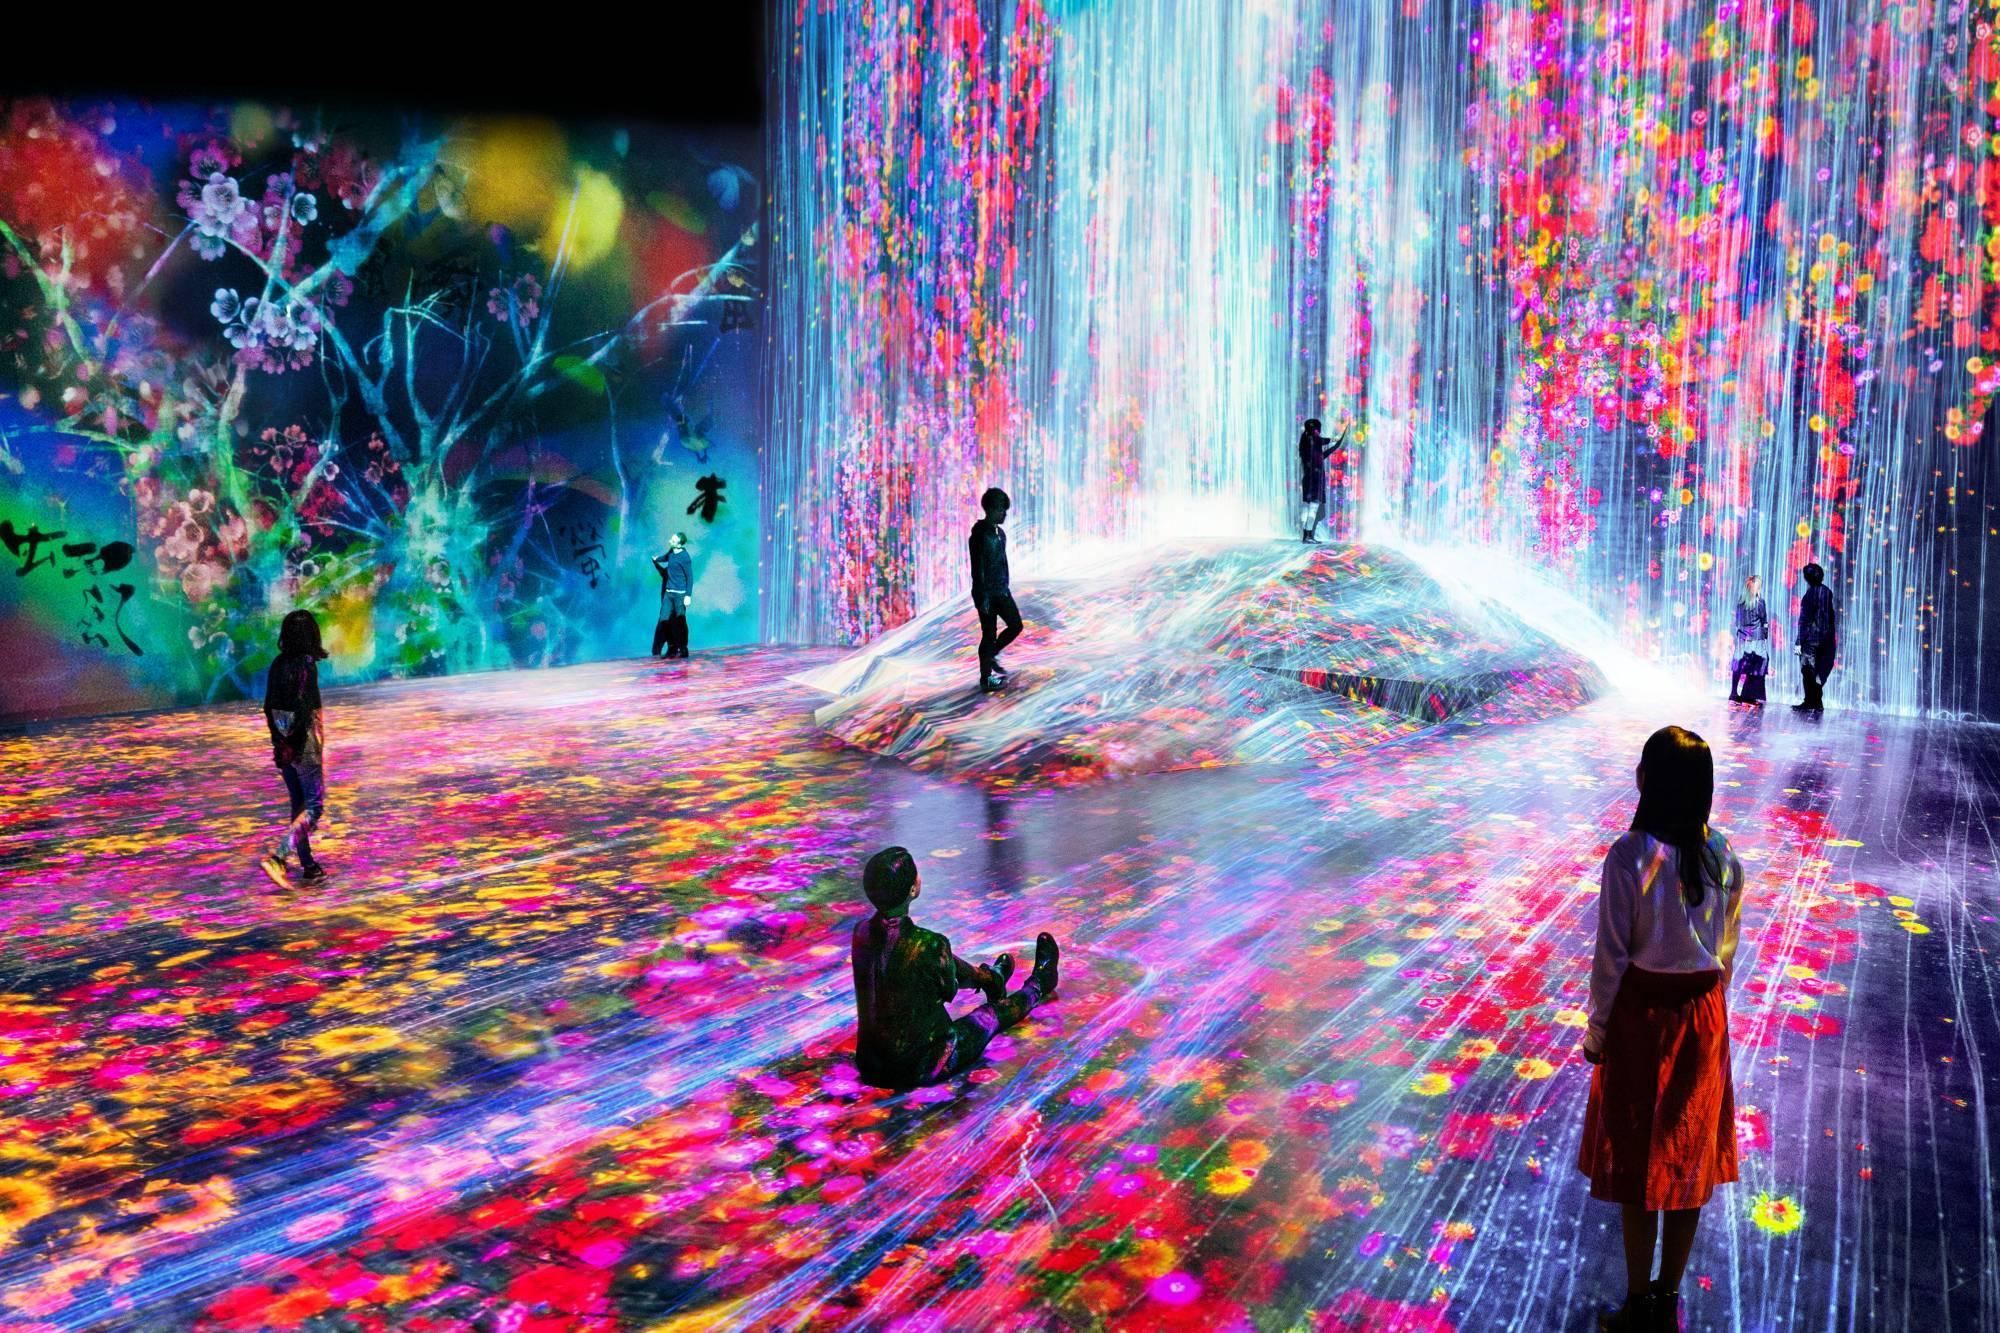 Музей цифрового искусства Mori Building Digital Art Museum